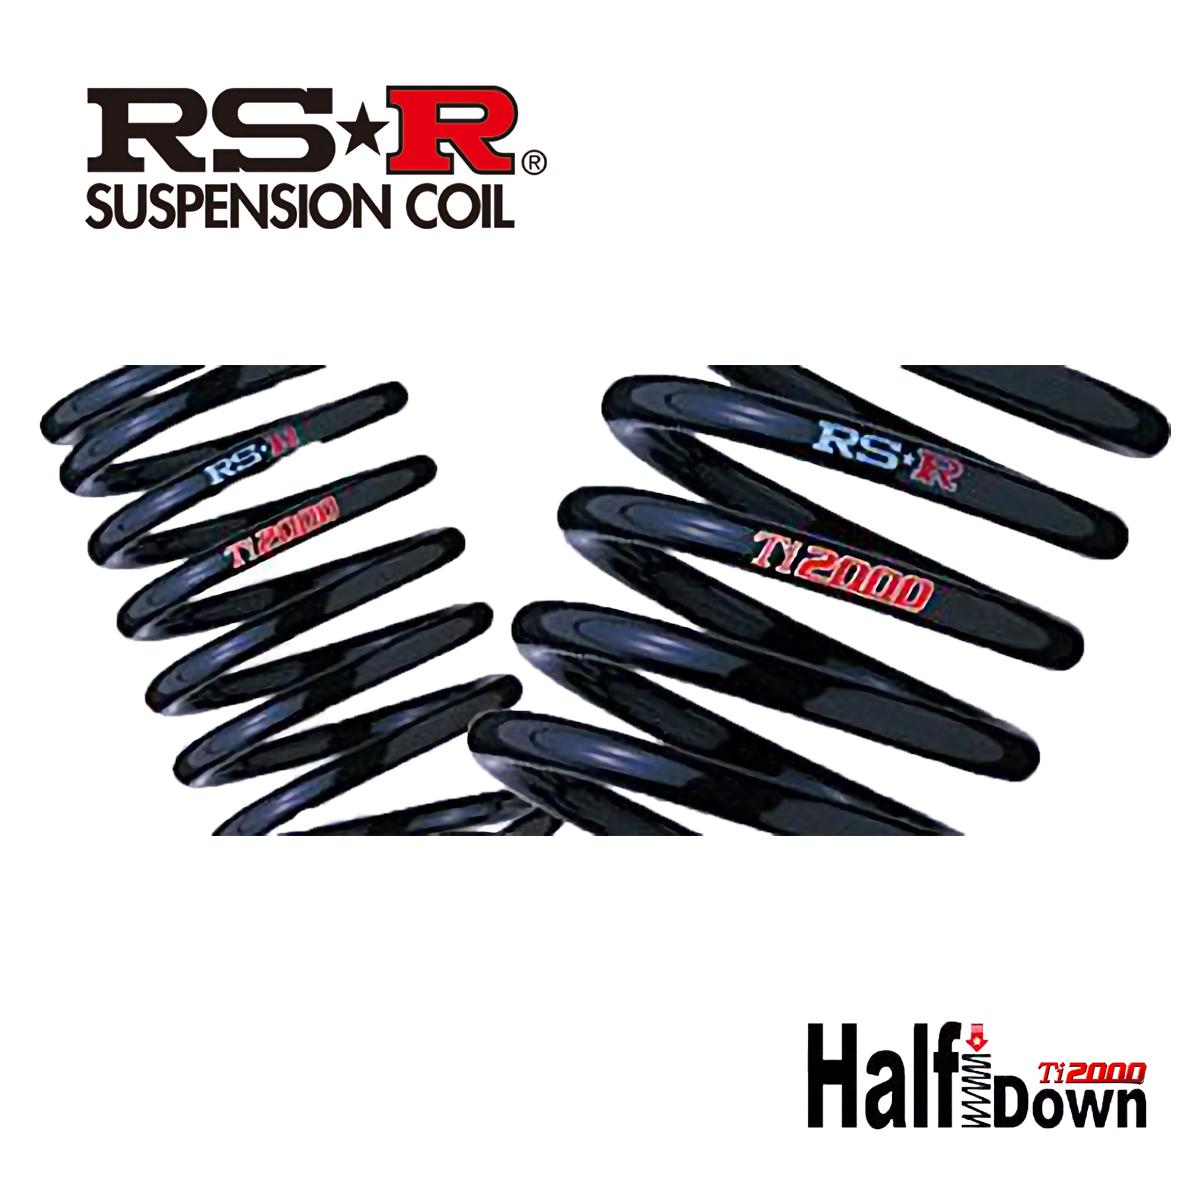 RS-R タント LA650S カスタムRS ダウンサス スプリング リア D401THDR Ti2000 ハーフダウン RSR 個人宅発送追金有